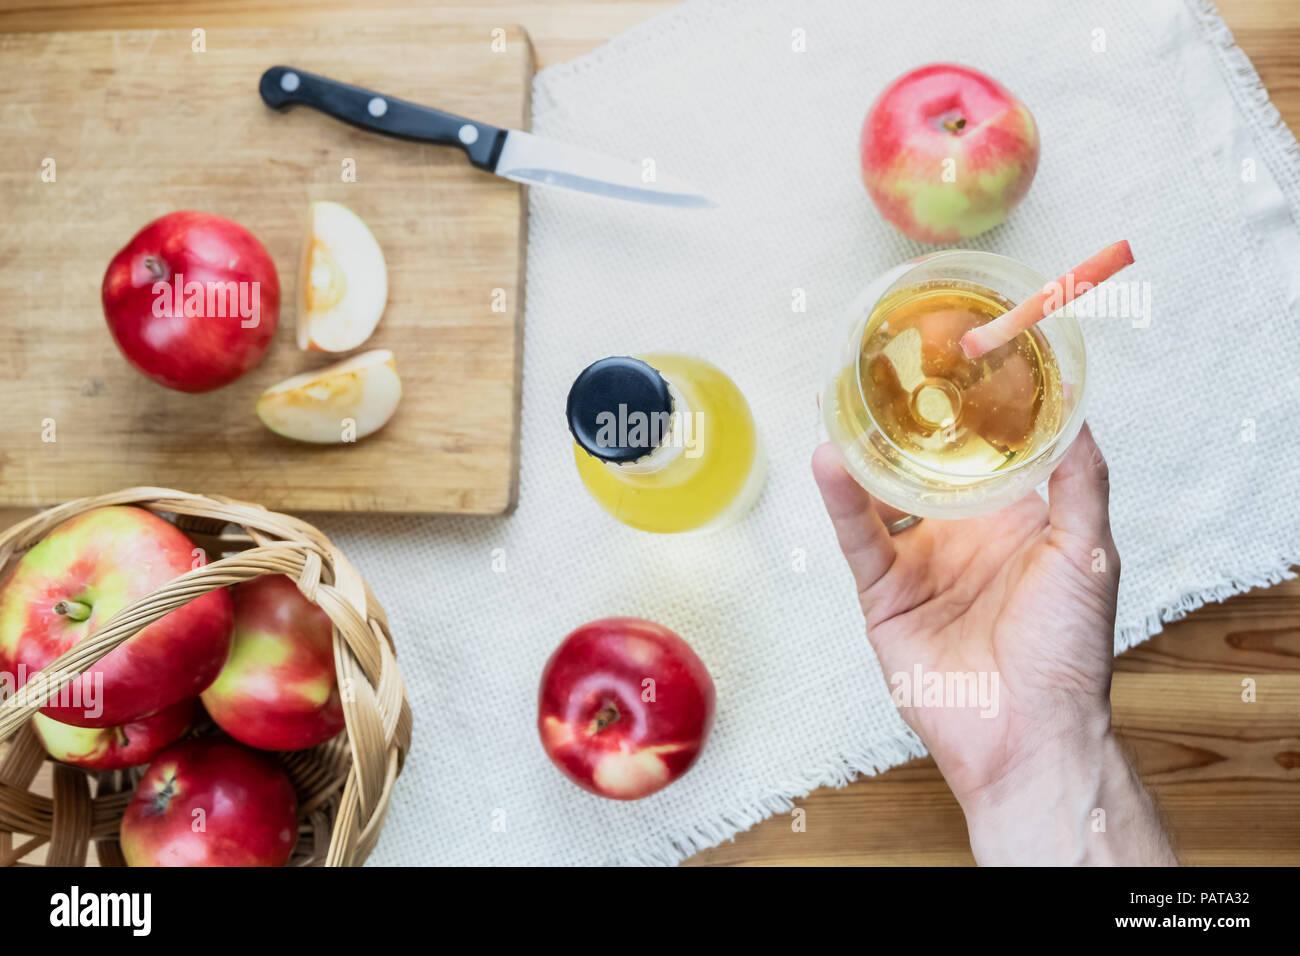 Vista superior de maduras manzanas jugosas y copa de sidra bebida sobre mesa de madera rústica. Punto de vista de mano sosteniendo un vaso de sidra casera y crecer localmente Imagen De Stock